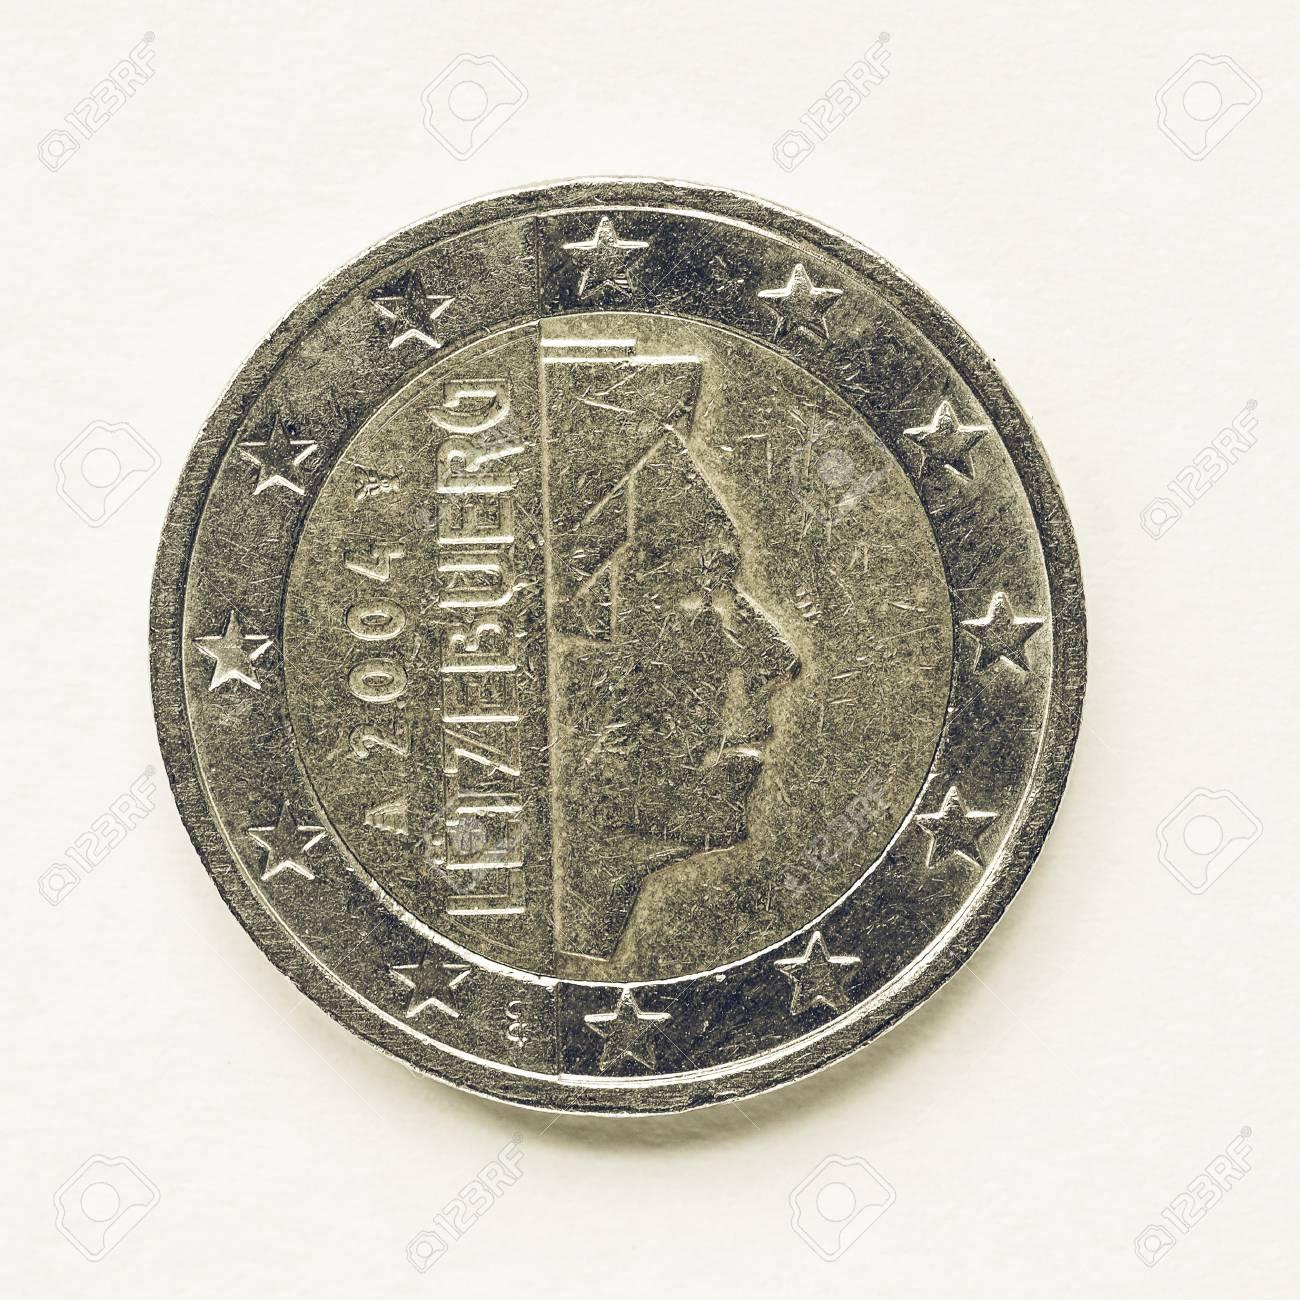 ルクセンブルクから 2 ユーロ硬...